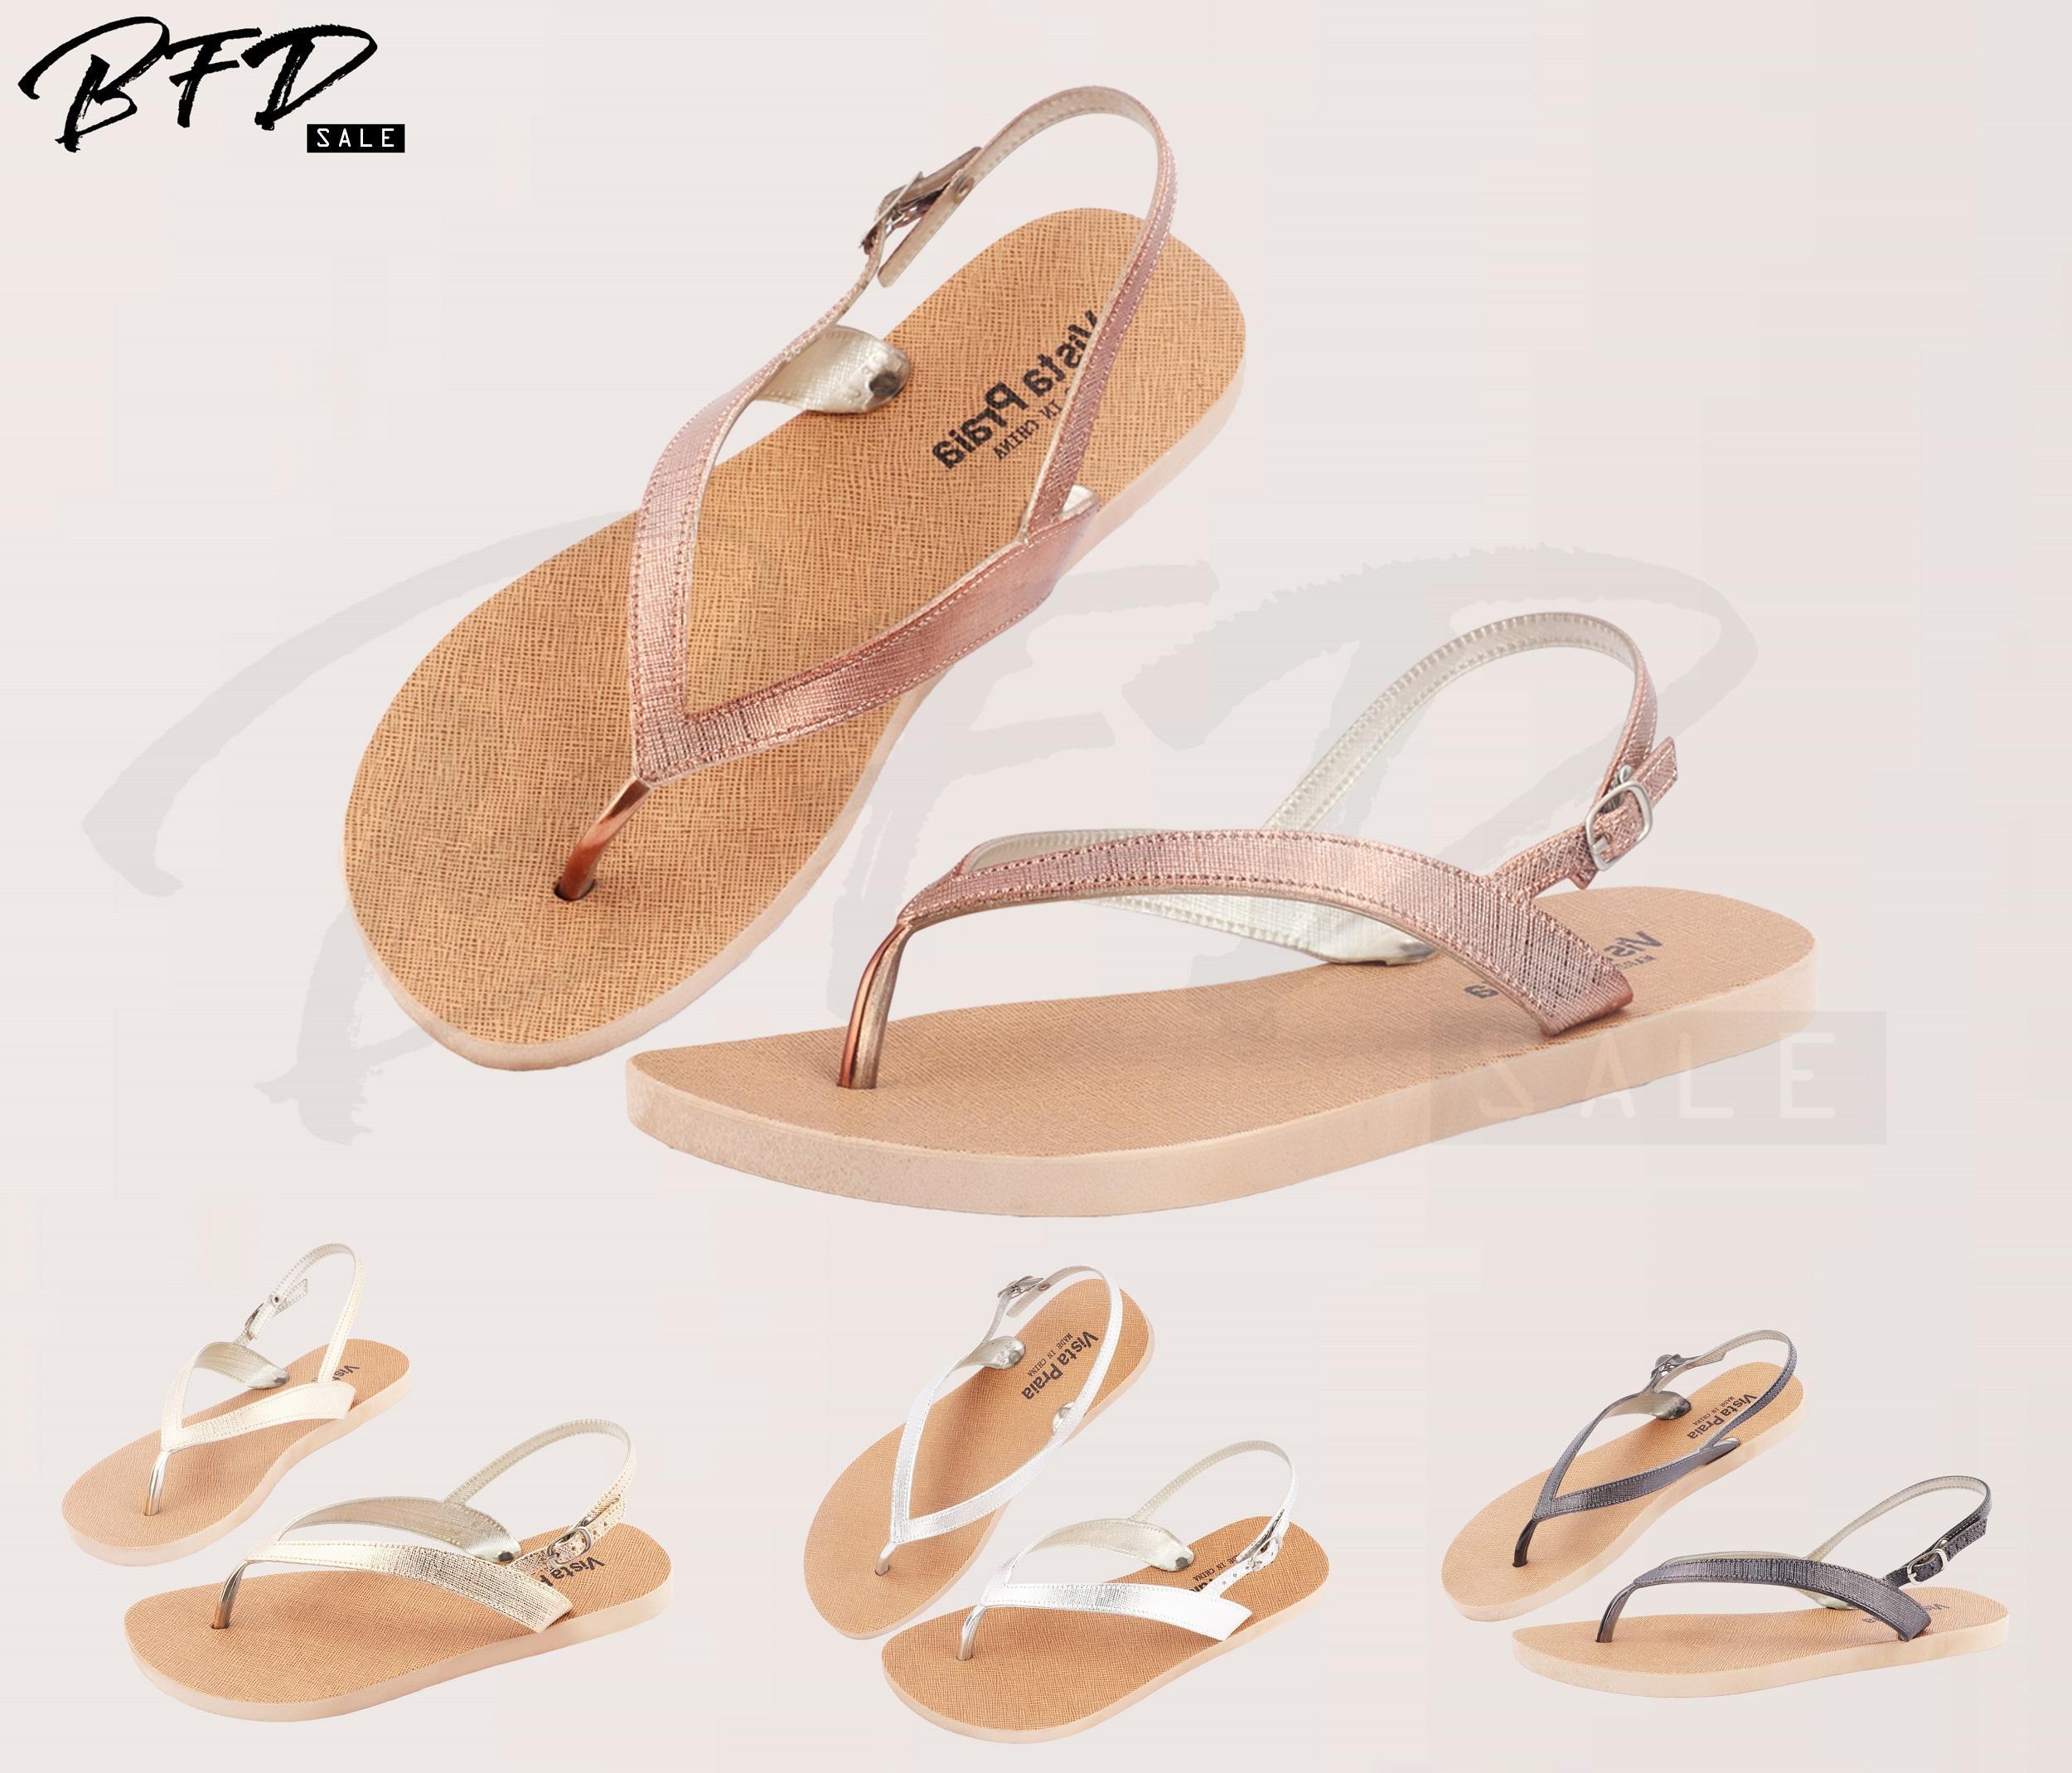 4e69f53dc13c Womens Sandals for sale - Ladies Sandals online brands